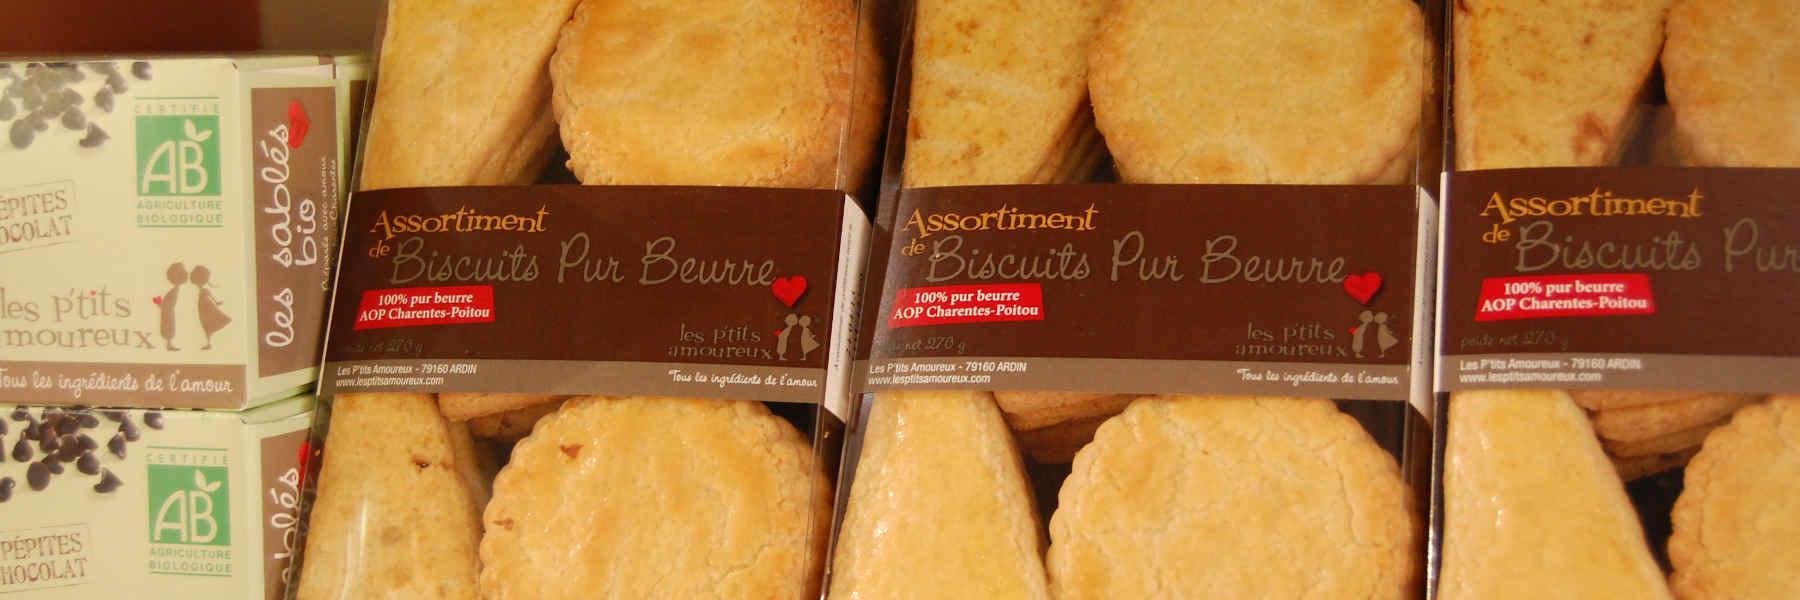 Artisan la biscuiterie les p'tits amoureux